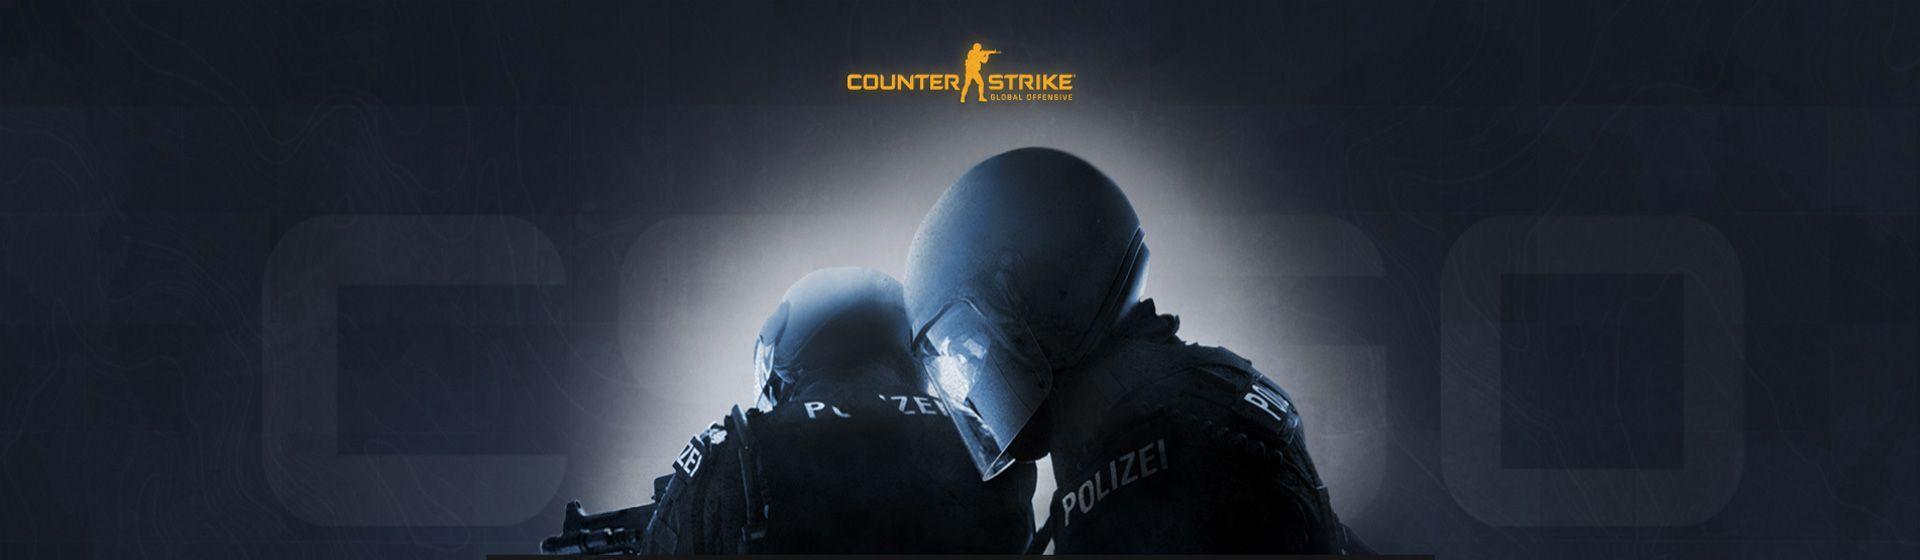 Ilustração promocional de CS:GO com soldados de capacete e a logo na parte superior